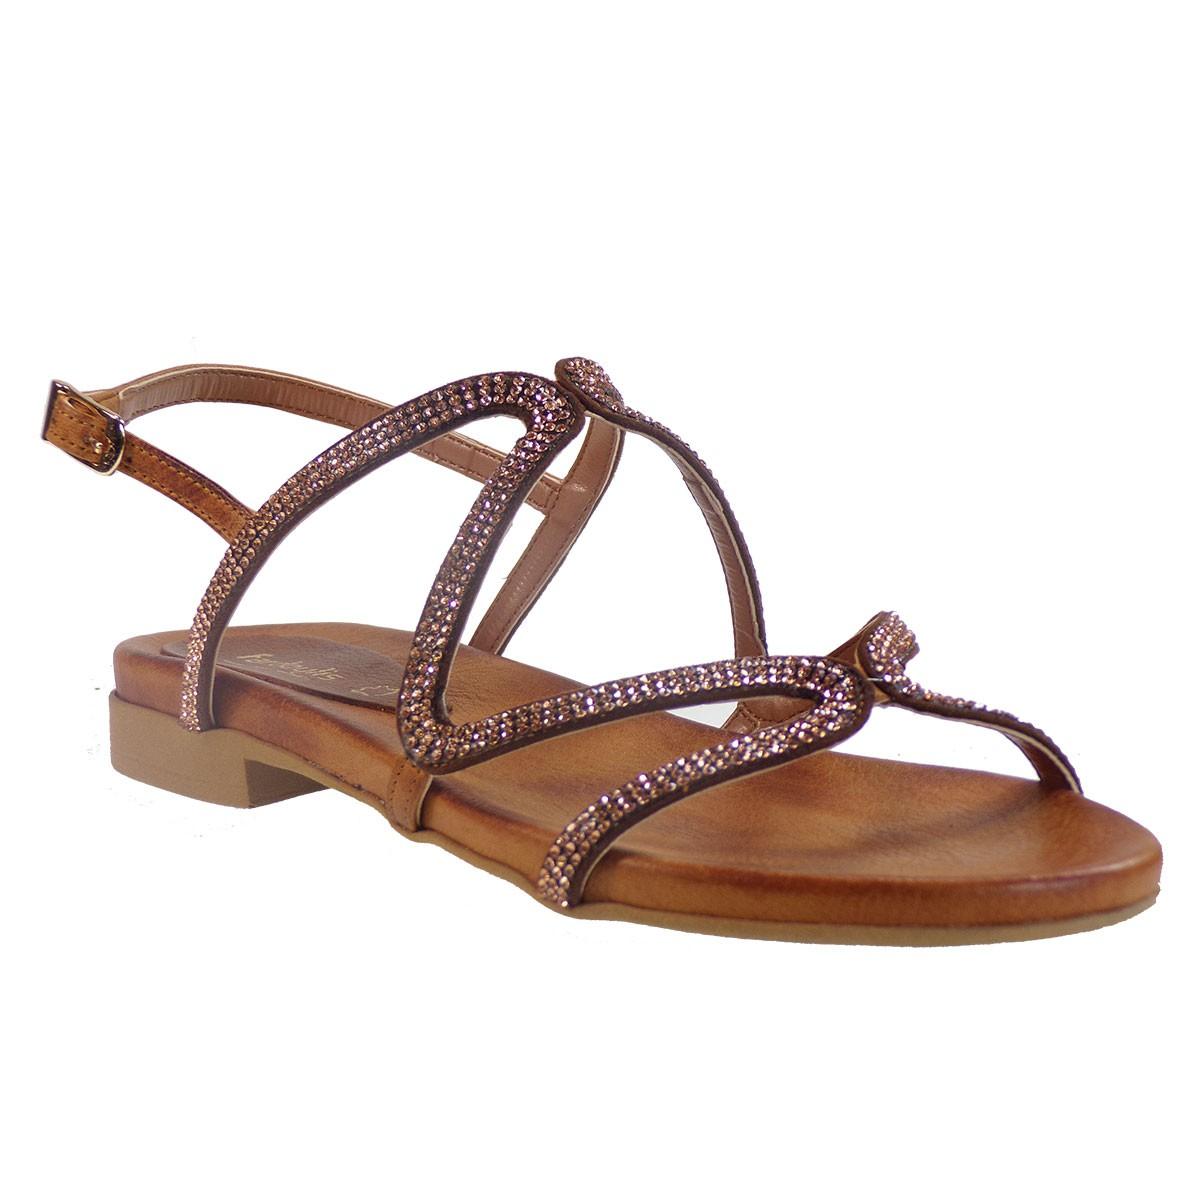 Fardoulis shoes Γυναικεία Παπούτσια Πέδιλα 32304 Ταμπά Δέρμα